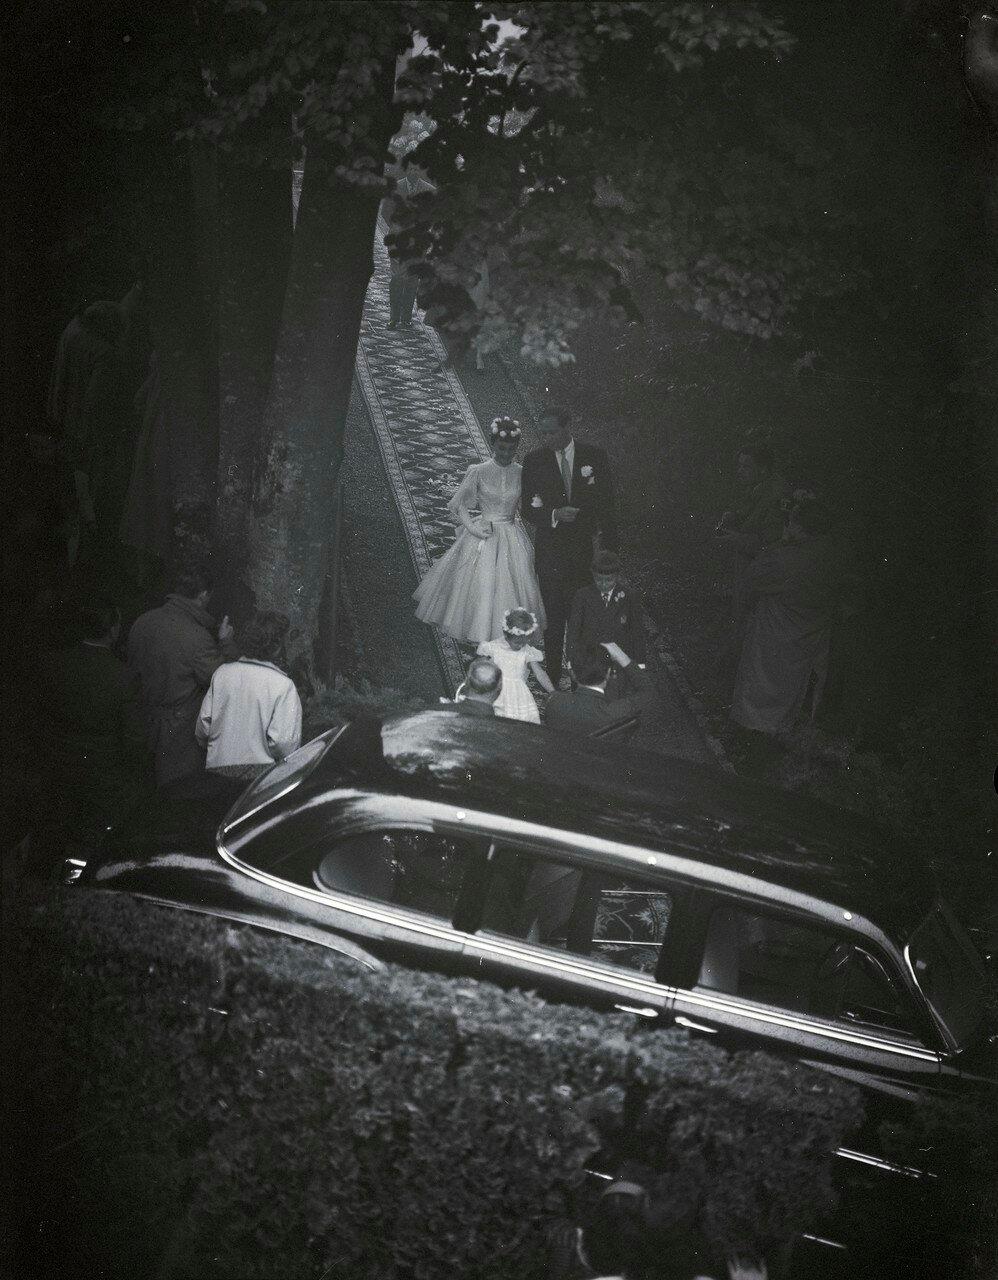 Свадьба Одри Хепберн и Мела Феррера в часовне на Бюргенштоке